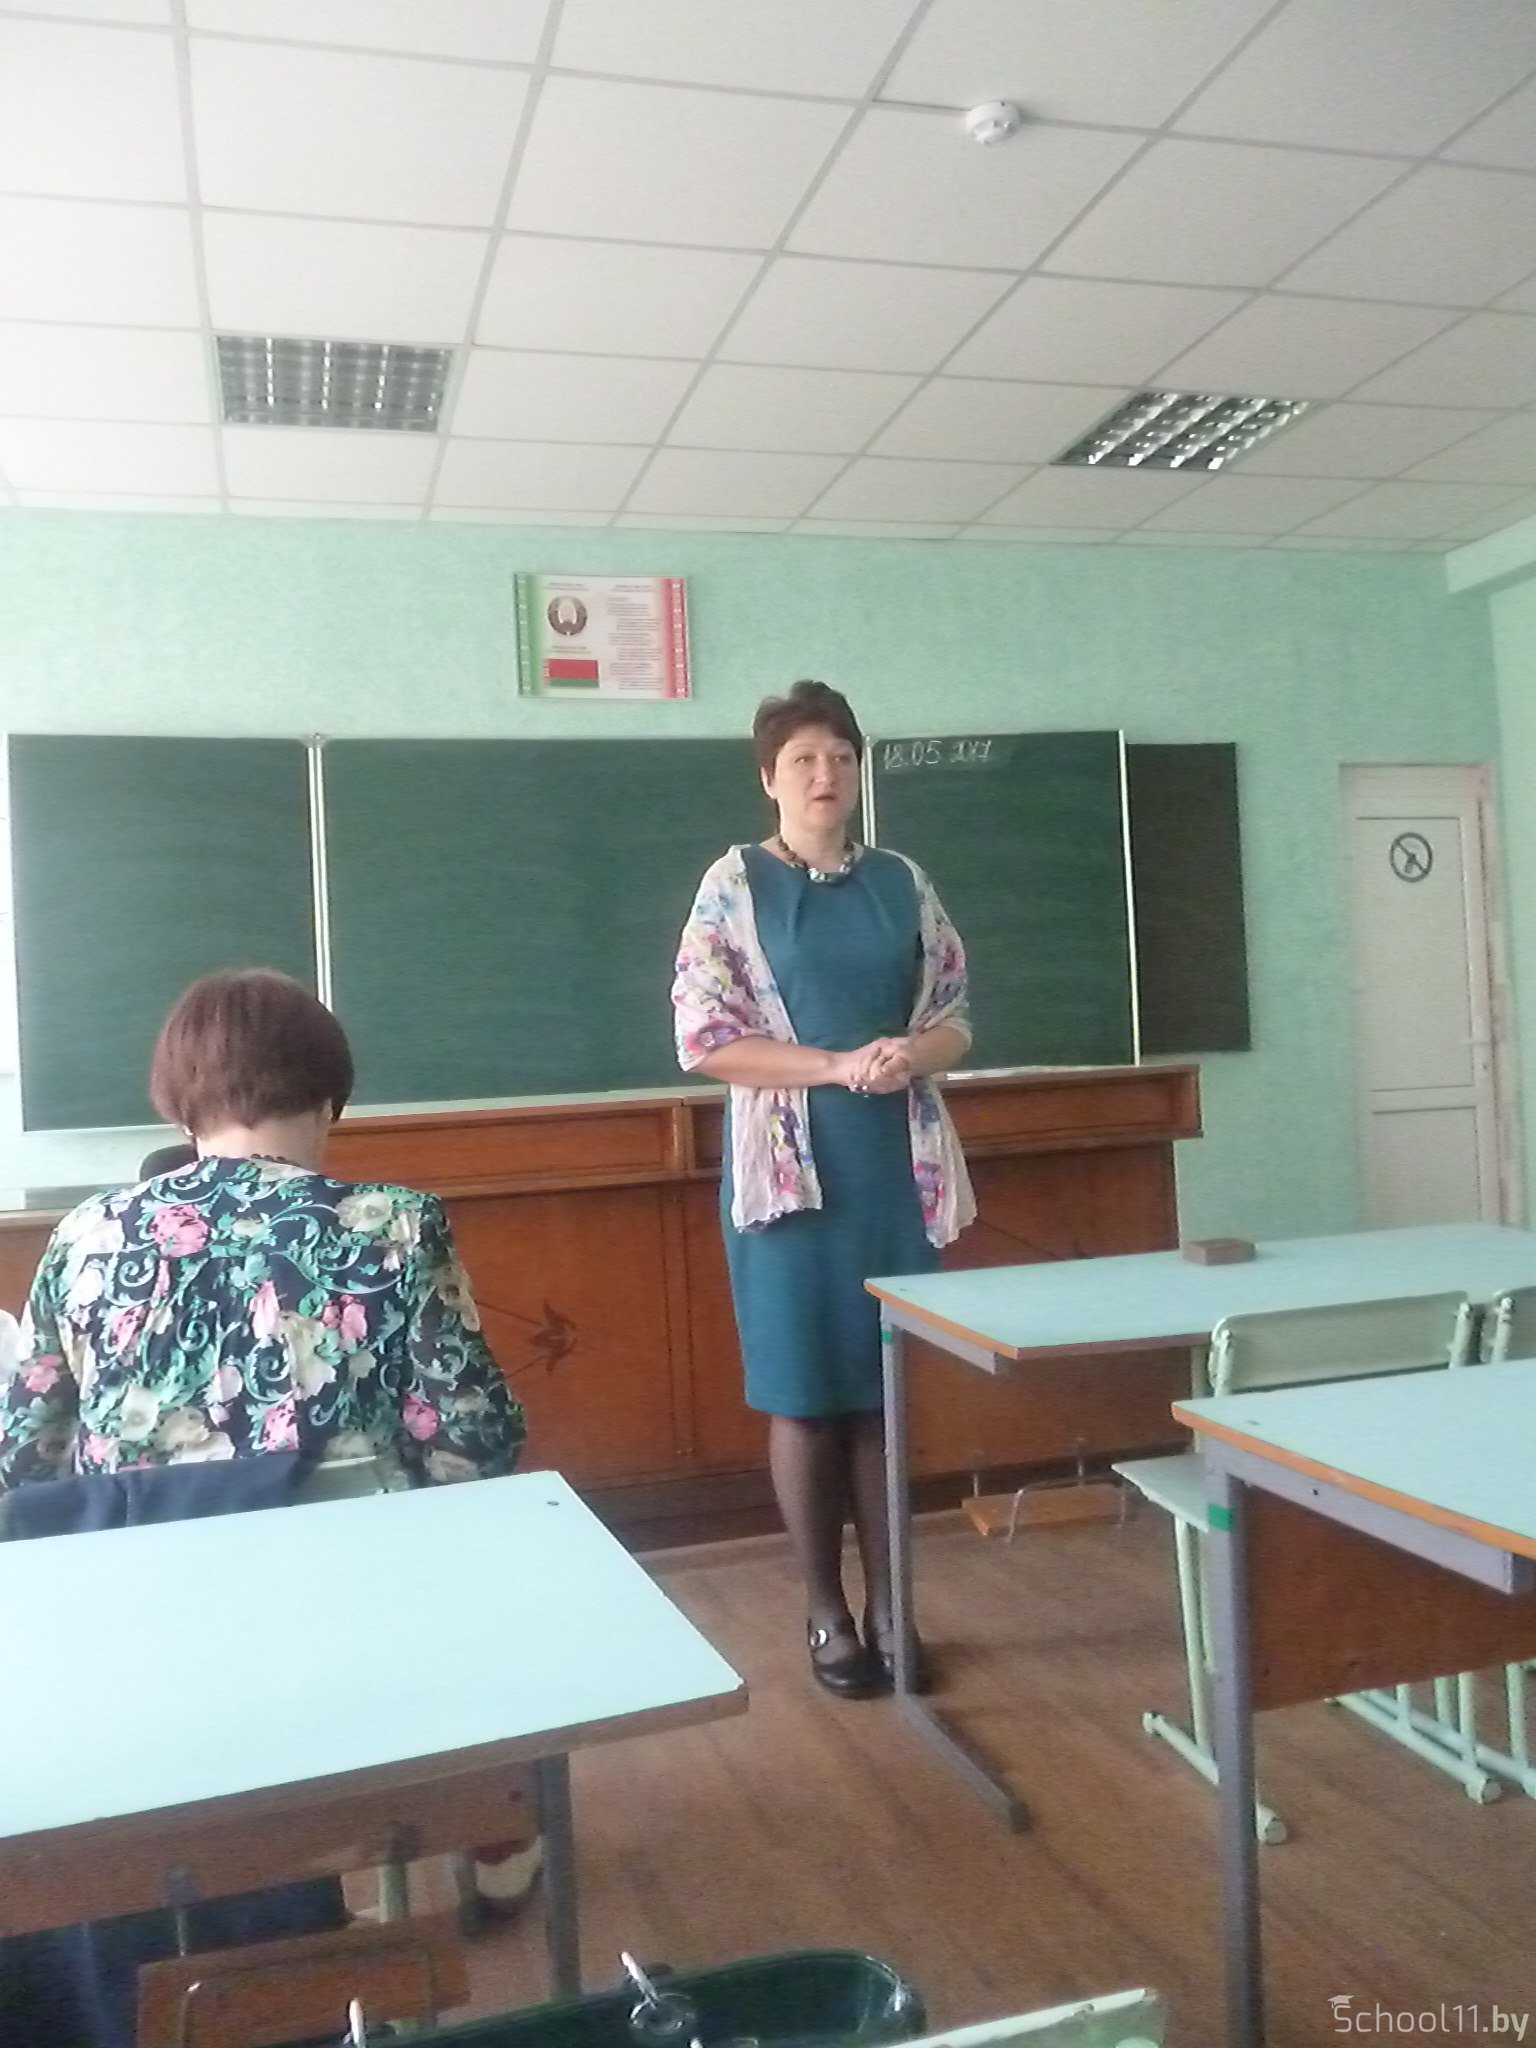 Мастер-класс по химии в школе